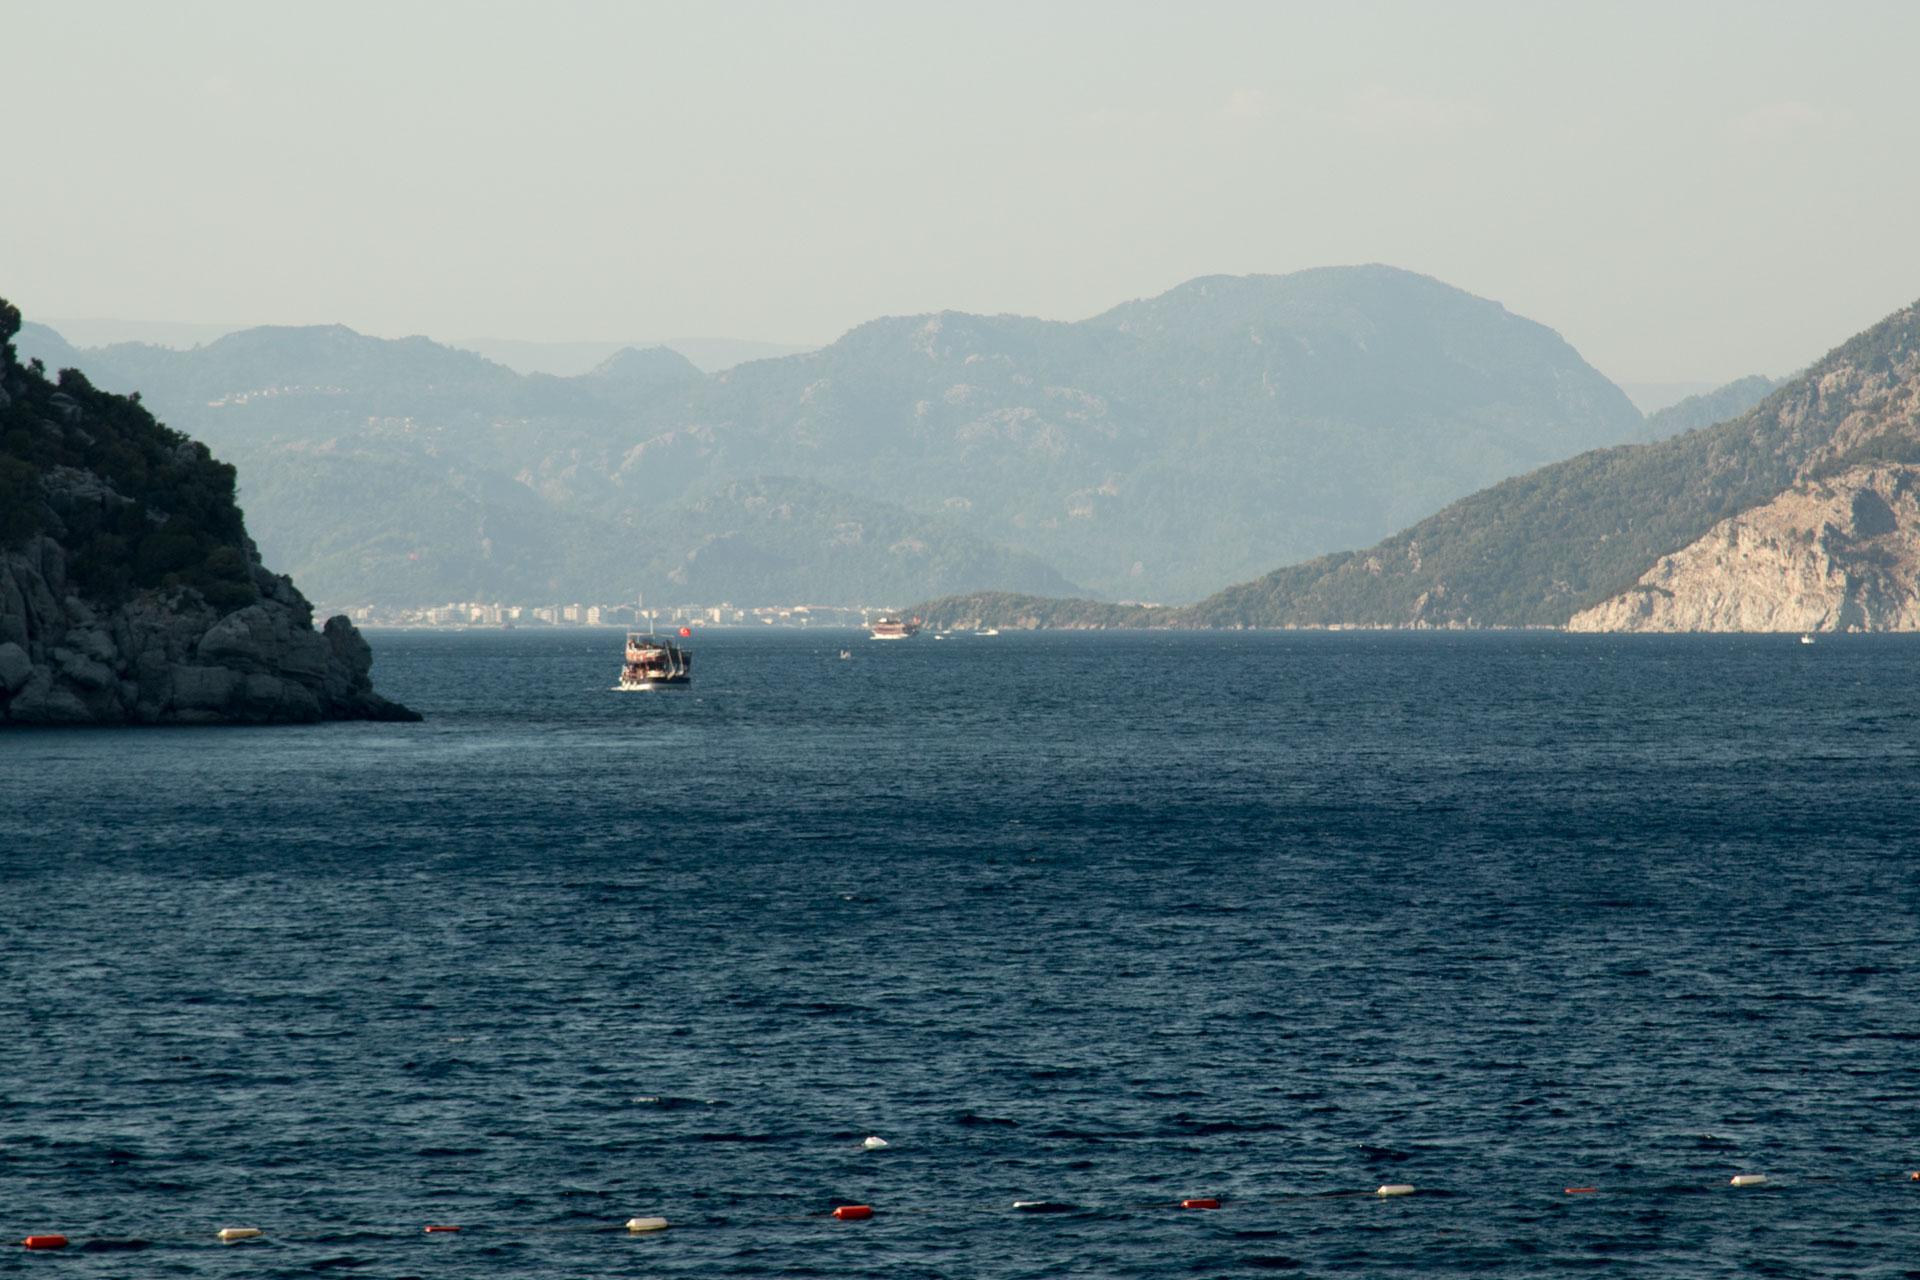 Amos Koyu Fotoğrafları, Turunç Marmaris Muğla Çekergezer Hakan Aydın Gezgin Fotoğrafçı www.cekergezer.com www.cekergezer.com